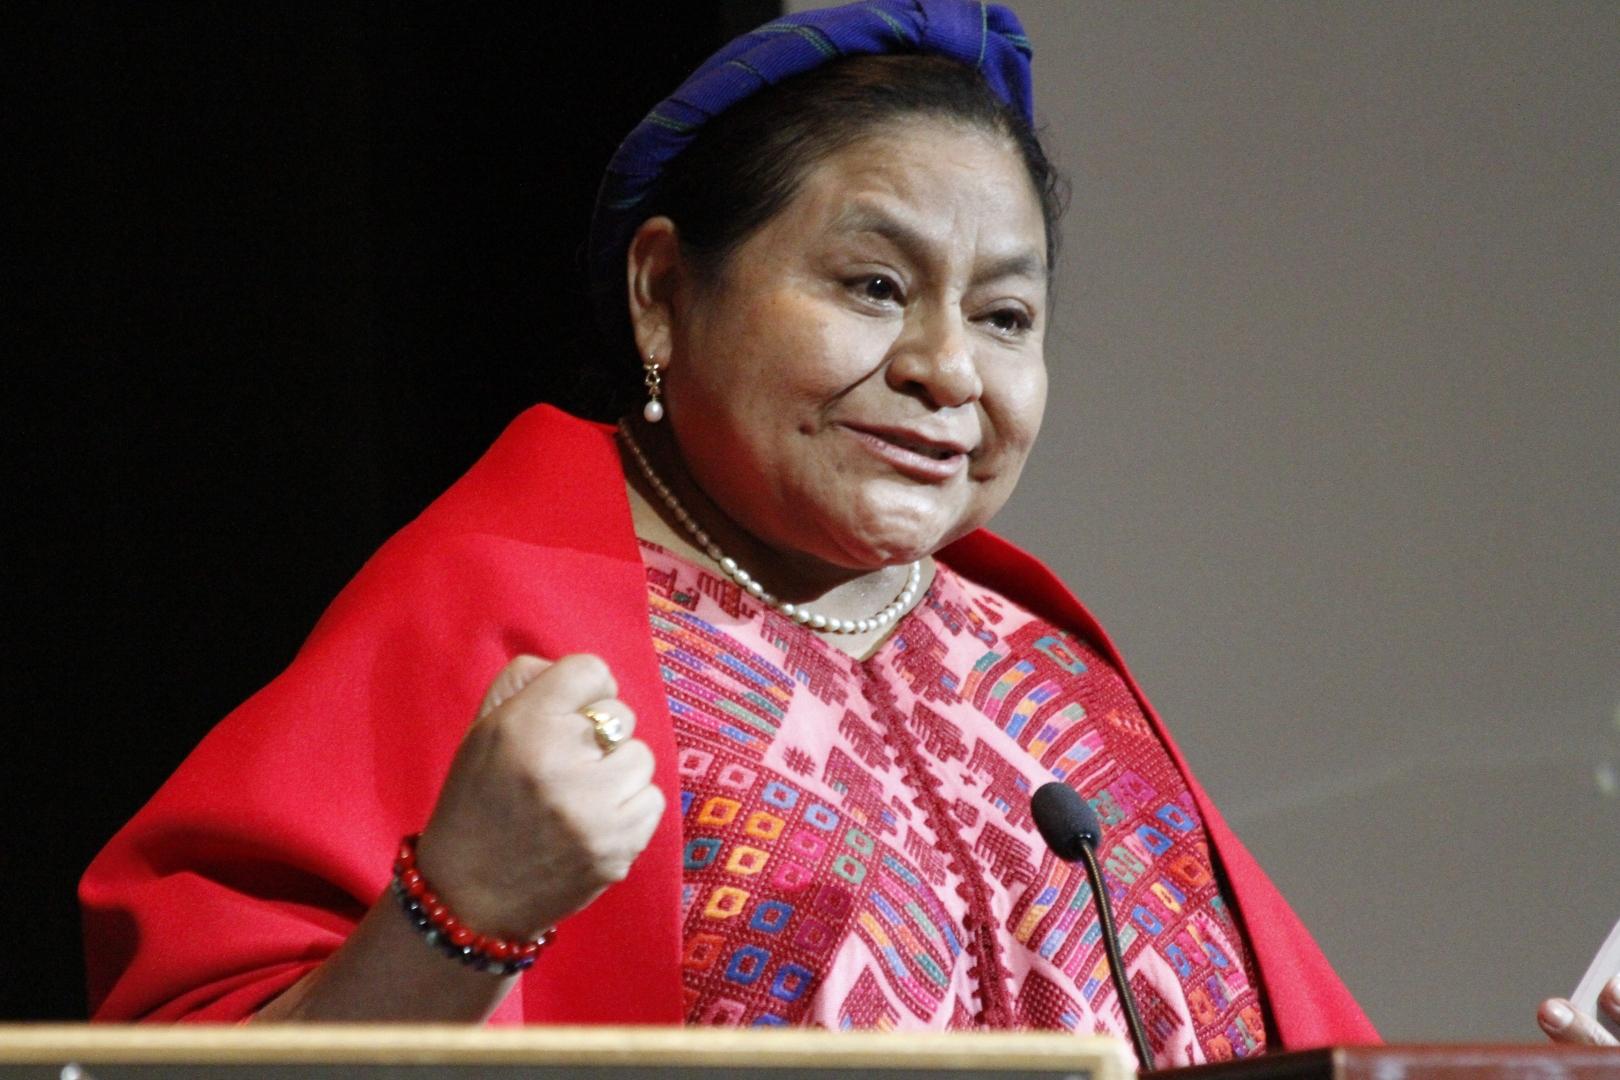 La Premio Nobel de la Paz, Rigoberta Menchú Tum, ofreció una lectura sobre Racismo e Igualdad a estudiantes y académicos de la Universidad Politécnica de California en Pomona. Fotografía: Cortesía de AURORA SAMPERIO